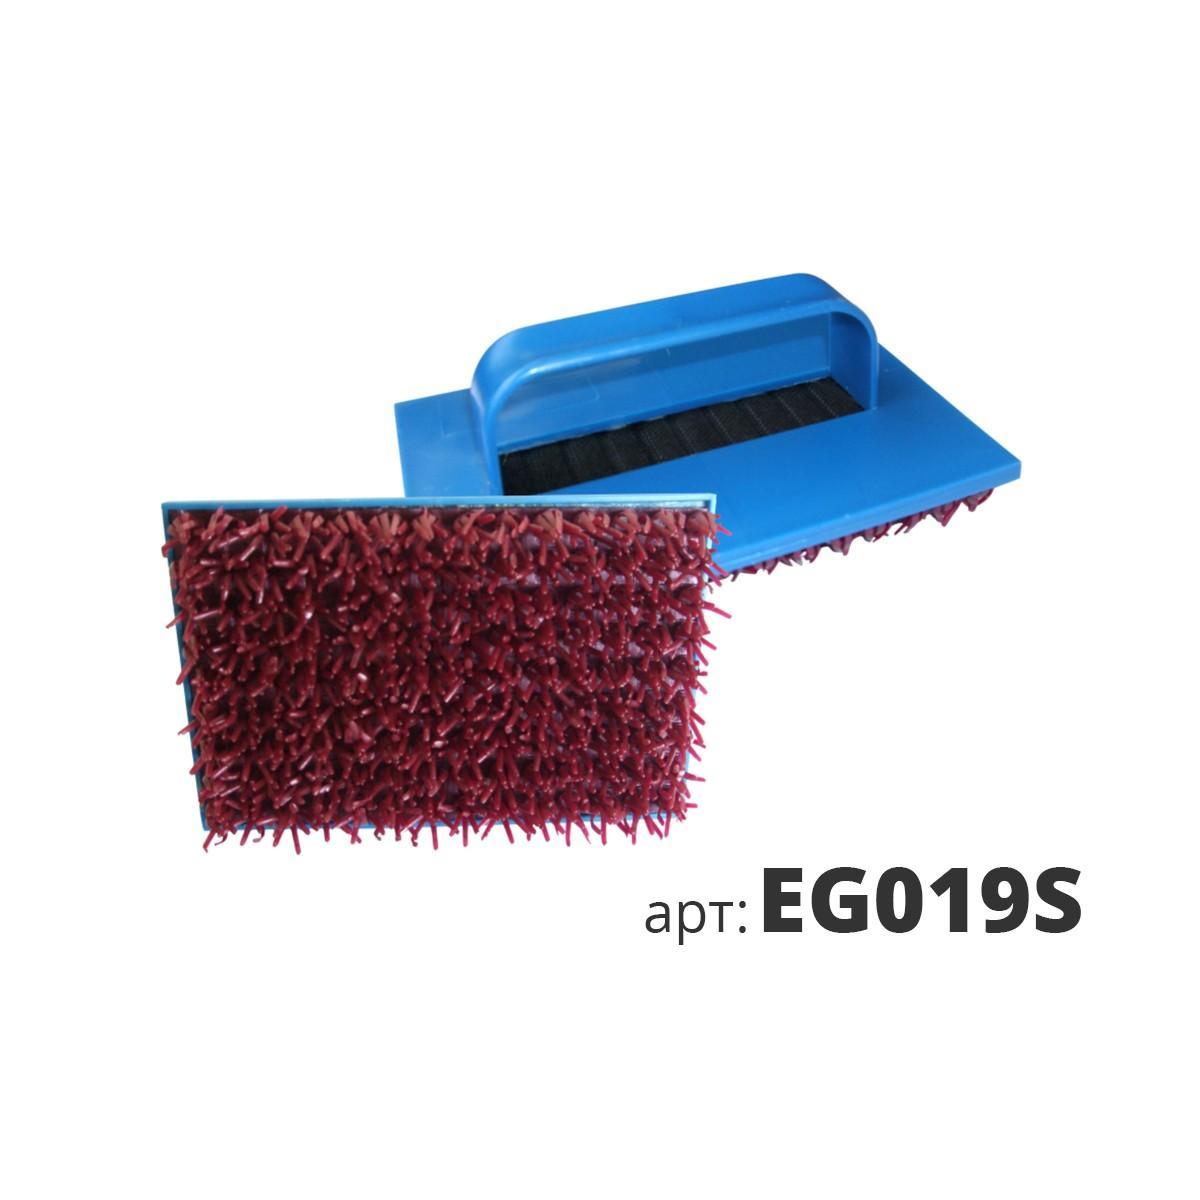 Широкая губка-скребок с ручкой EG019S